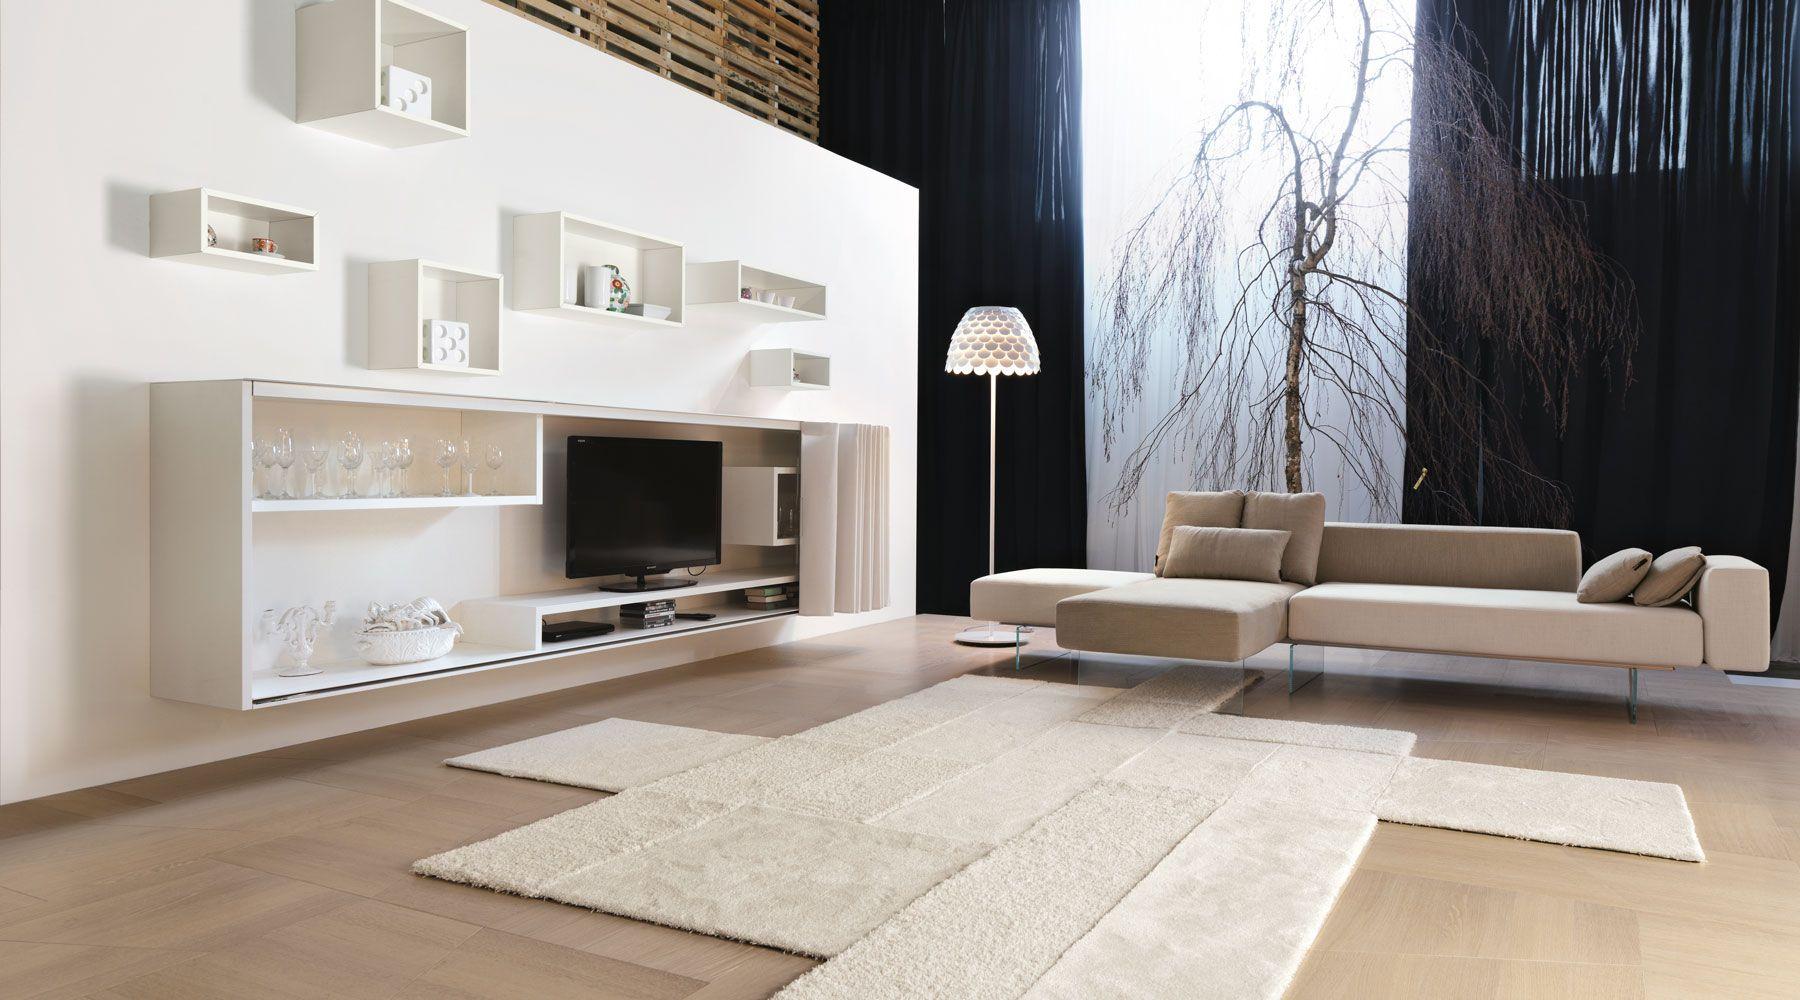 Mobili Di Design Per Arredare La Tua Casa Lago Architecture  # Muebles Voila Murcia